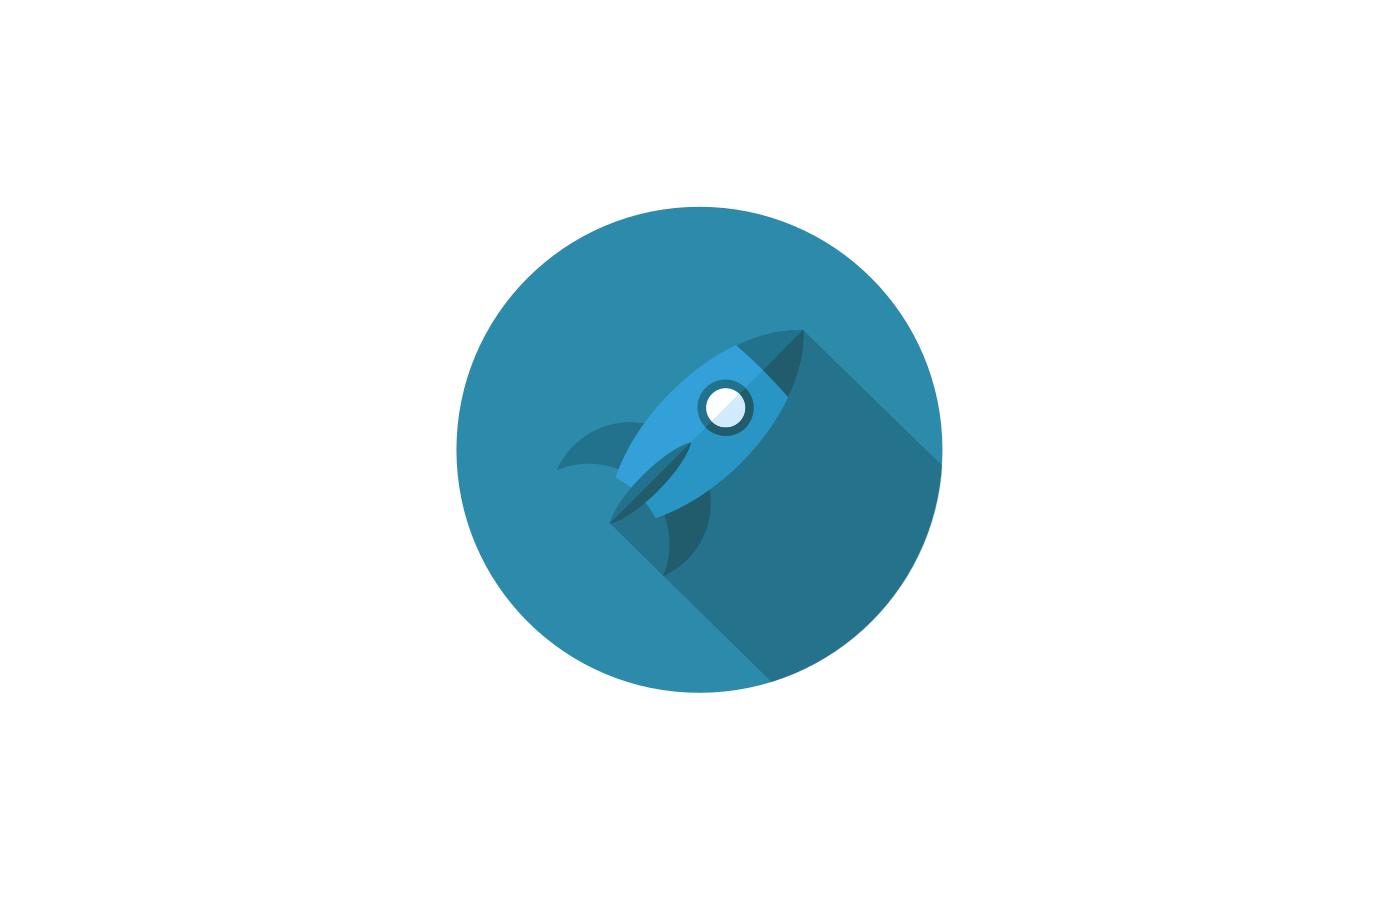 Servicios de diseño, desarrollo web, Marketing Digital, campañas de publicidad, Community Manager y SEO